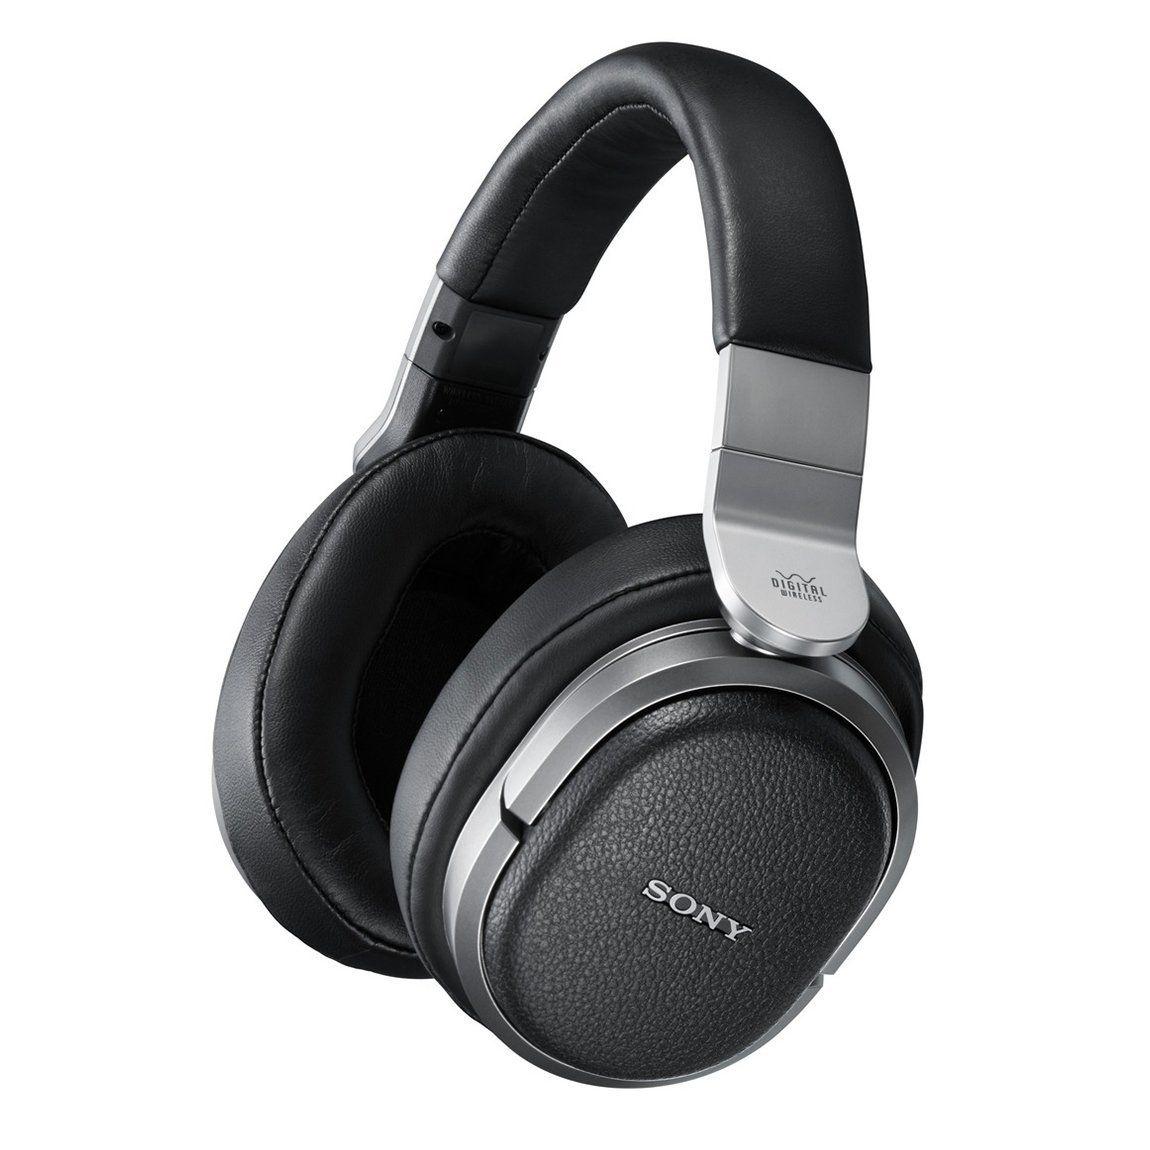 Best Headphones 2018 Top 16 Headphones For Every Budget Wireless Surround Sound Wireless Headphones Headphones